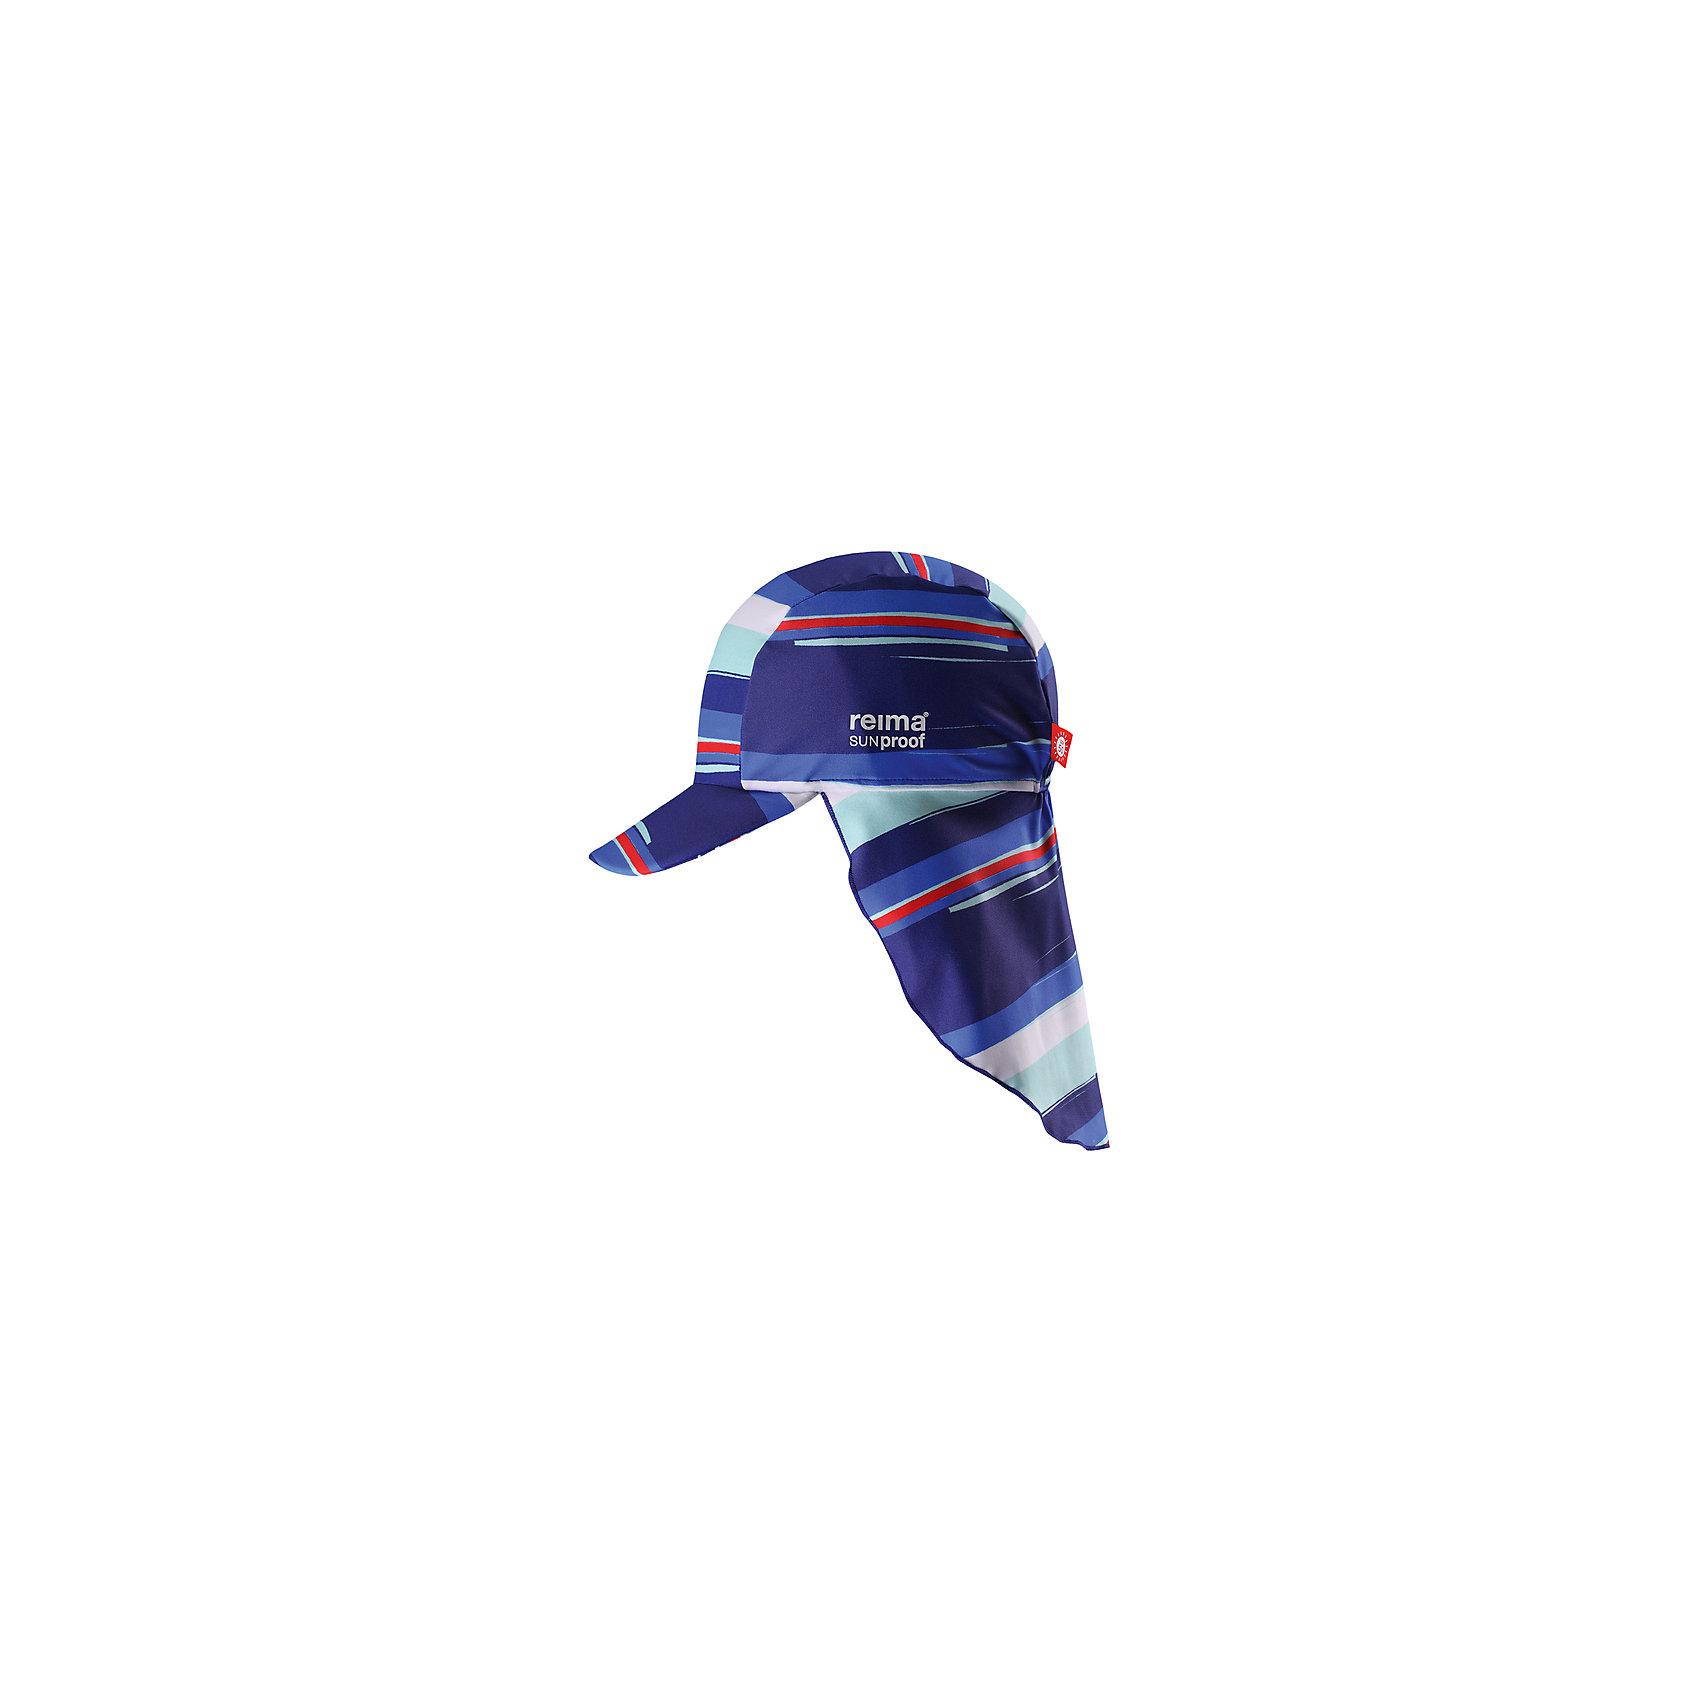 Панама ReimaШапки и шарфы<br>Характеристики товара:<br><br>• цвет: синий<br>• состав: 80% полиамид, 20% эластан<br>• фактор защиты от ультрафиолета: 50+<br>• задняя часть удлиненная<br>• стильный защитный козырек<br>• защищает от солнца<br>• облегчённая модель без подкладки<br>• эмблема Reima сбоку<br>• декоративный логотип<br>• страна бренда: Финляндия<br>• страна производства: Китай<br><br>Детский головной убор может быть модным и удобным одновременно! Стильная панама поможет обеспечить ребенку комфорт и дополнить наряд.Панама удобно сидит и аккуратно выглядит. Проста в уходе, долго служит. Стильный дизайн разрабатывался специально для детей. Отличная защита от солнца!<br><br>Уход:<br><br>• cтирать по отдельности, вывернув наизнанку<br>• gолоскать без специального средства<br>• cушить при низкой температуре.<br><br>Панаму от финского бренда Reima (Рейма) можно купить в нашем интернет-магазине.<br><br>Ширина мм: 89<br>Глубина мм: 117<br>Высота мм: 44<br>Вес г: 155<br>Цвет: синий<br>Возраст от месяцев: 18<br>Возраст до месяцев: 36<br>Пол: Унисекс<br>Возраст: Детский<br>Размер: 54,46,50<br>SKU: 5270894